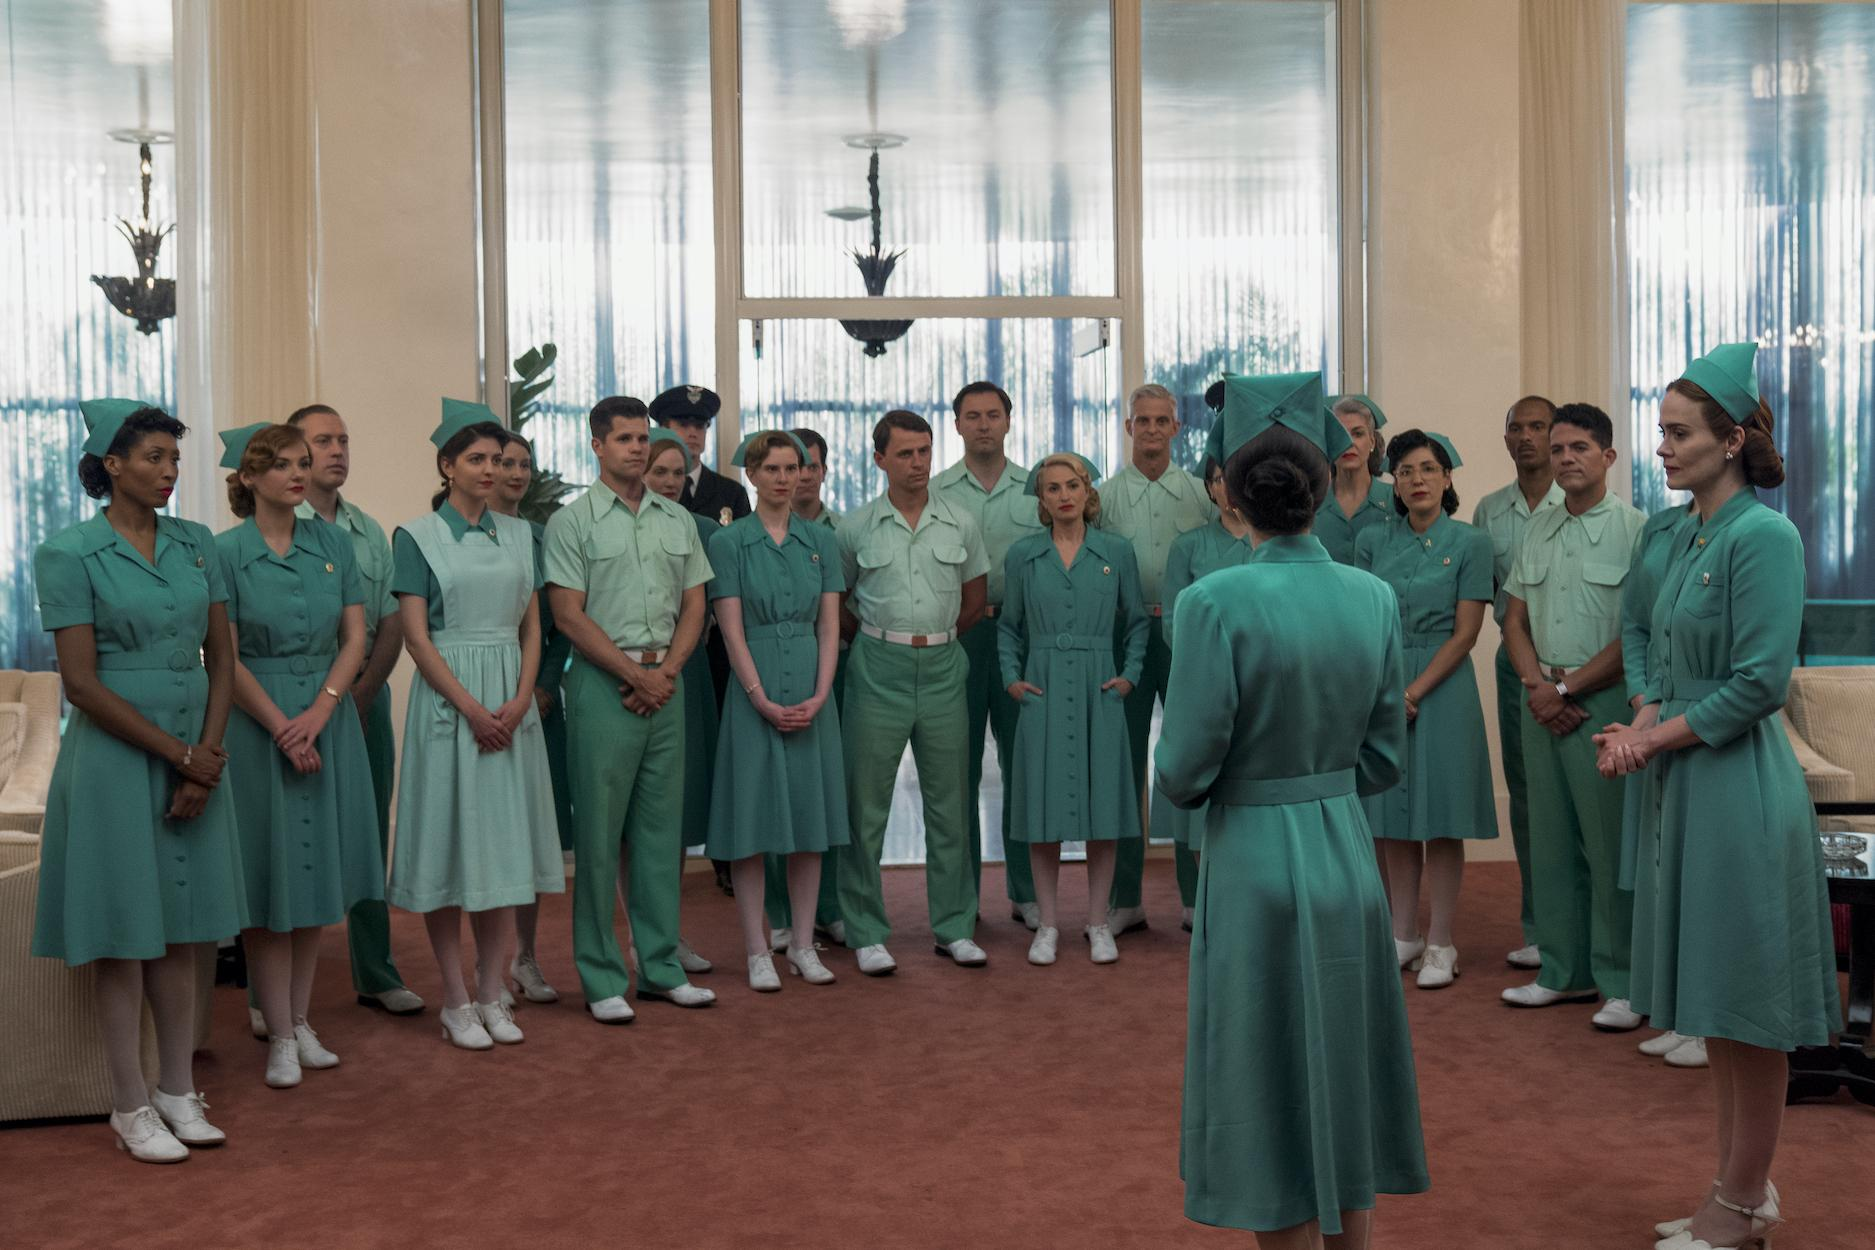 equipe de enfermagem da série